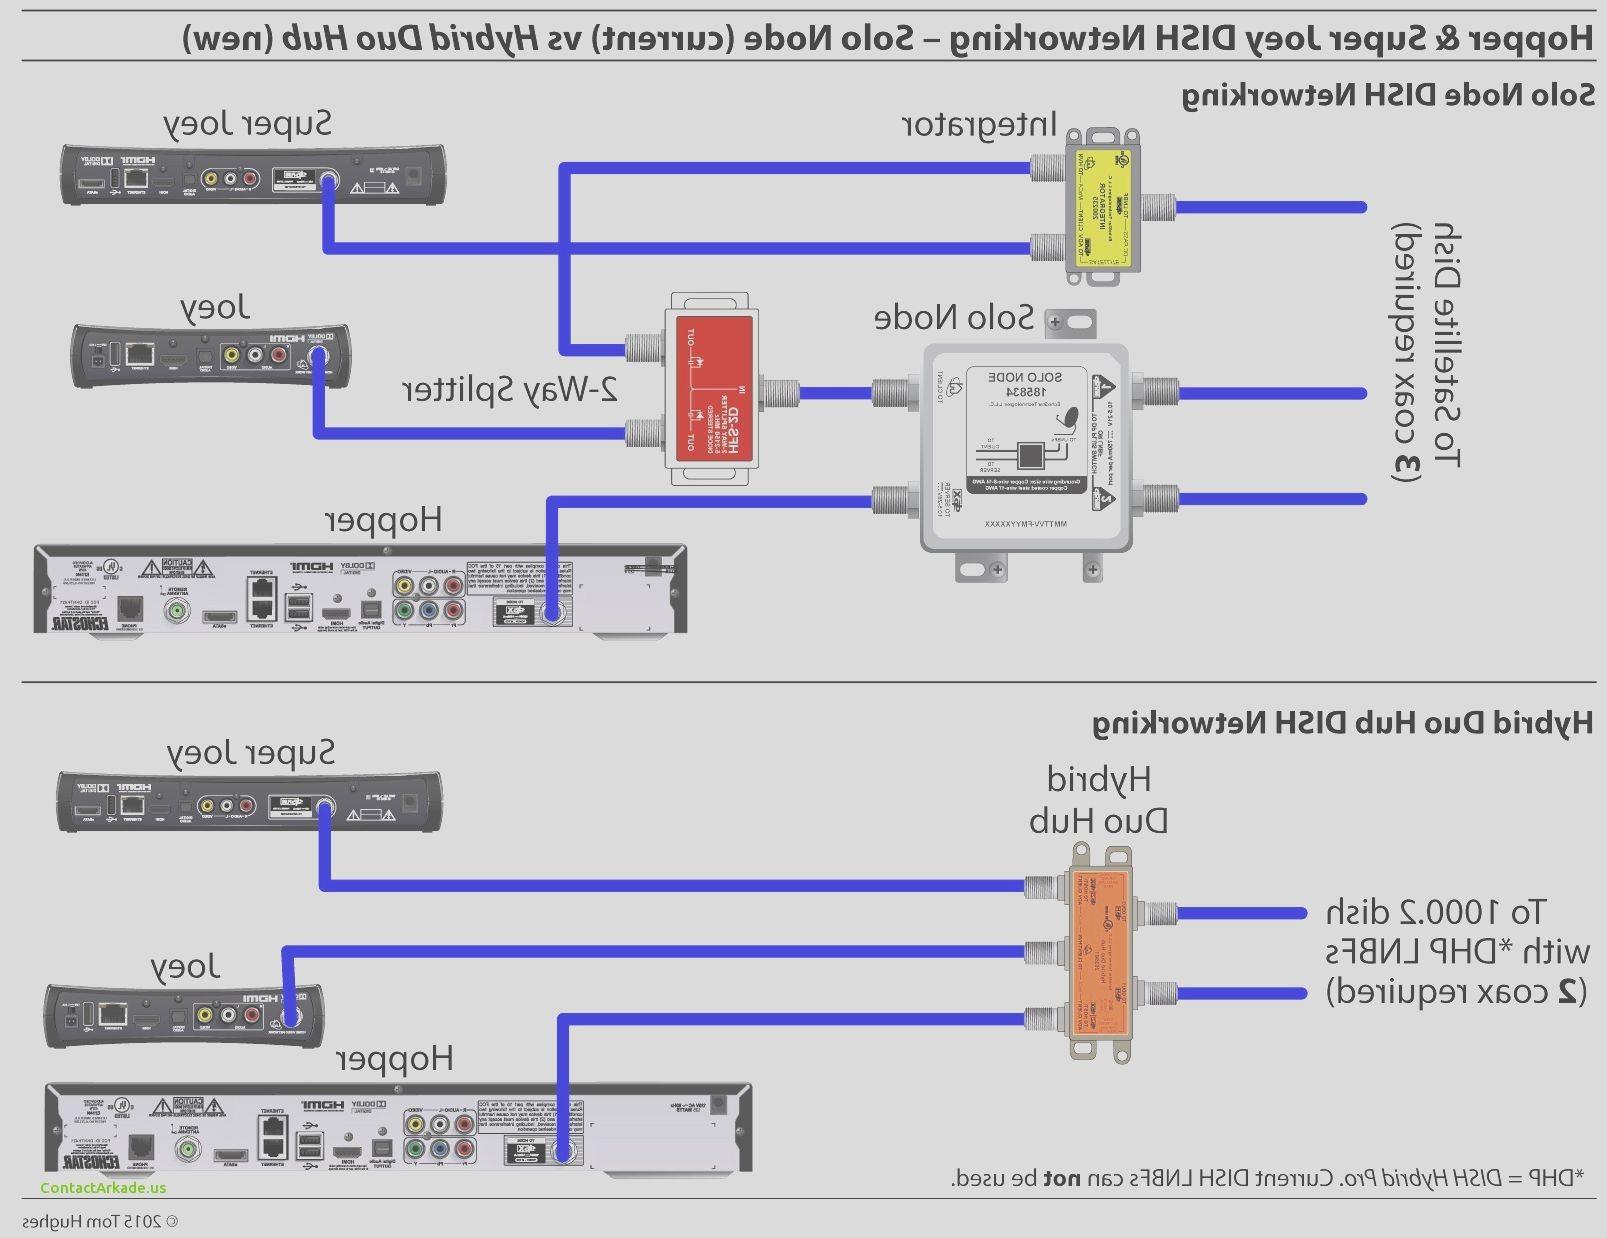 Att Uverse Wiring Diagram Fresh att Uverse Wiring Diagram Lovely Dish Network Wiring Diagrams